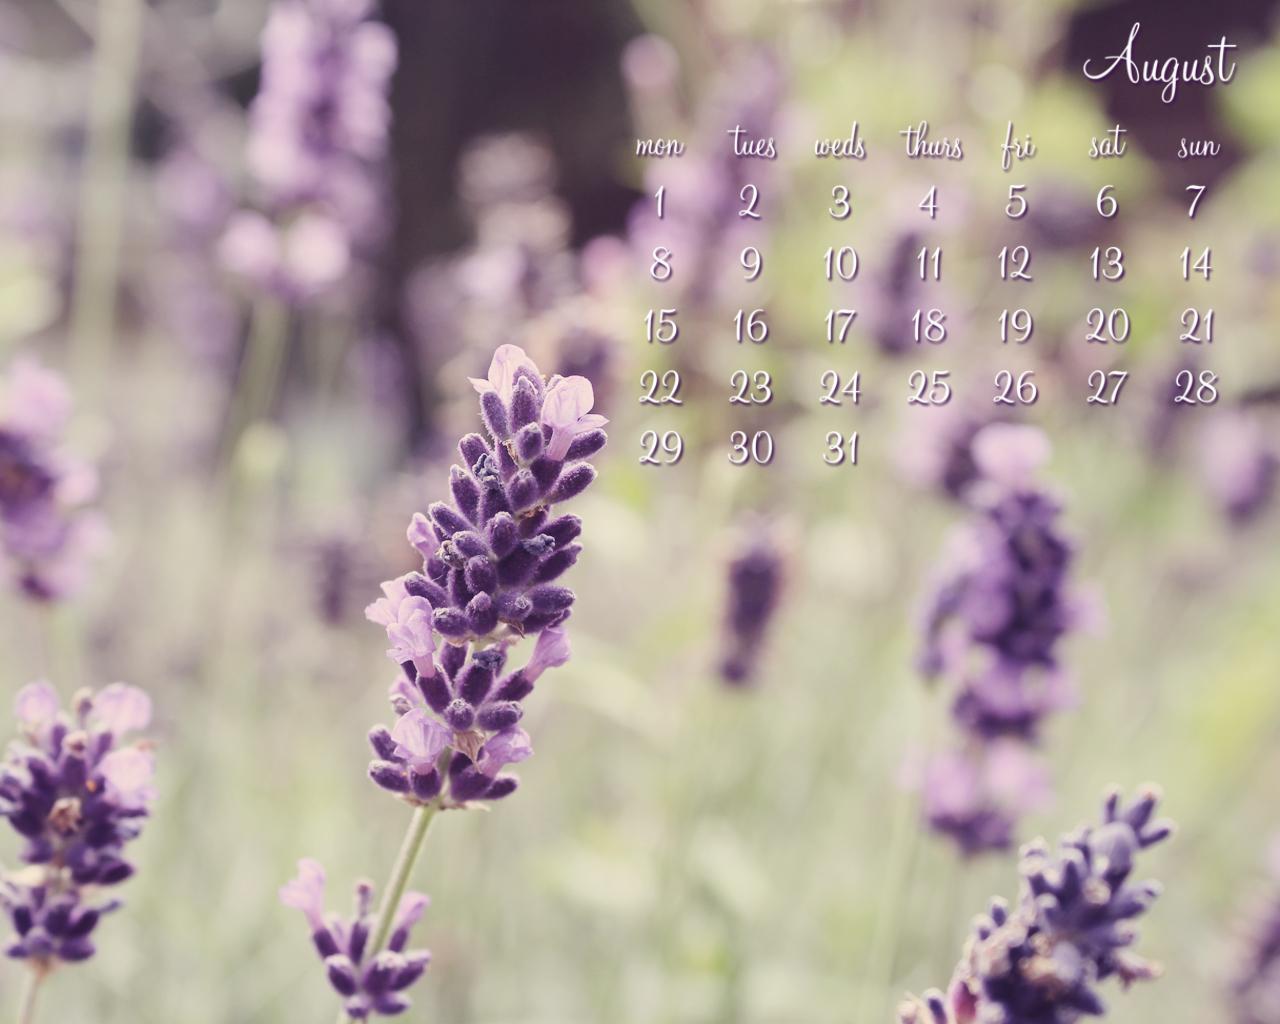 http://1.bp.blogspot.com/--Hsj0qhUPeM/TjdcMGgN5jI/AAAAAAAADyY/8r-sWF7TJWY/s1600/August-Lavender-1280x1024.jpg